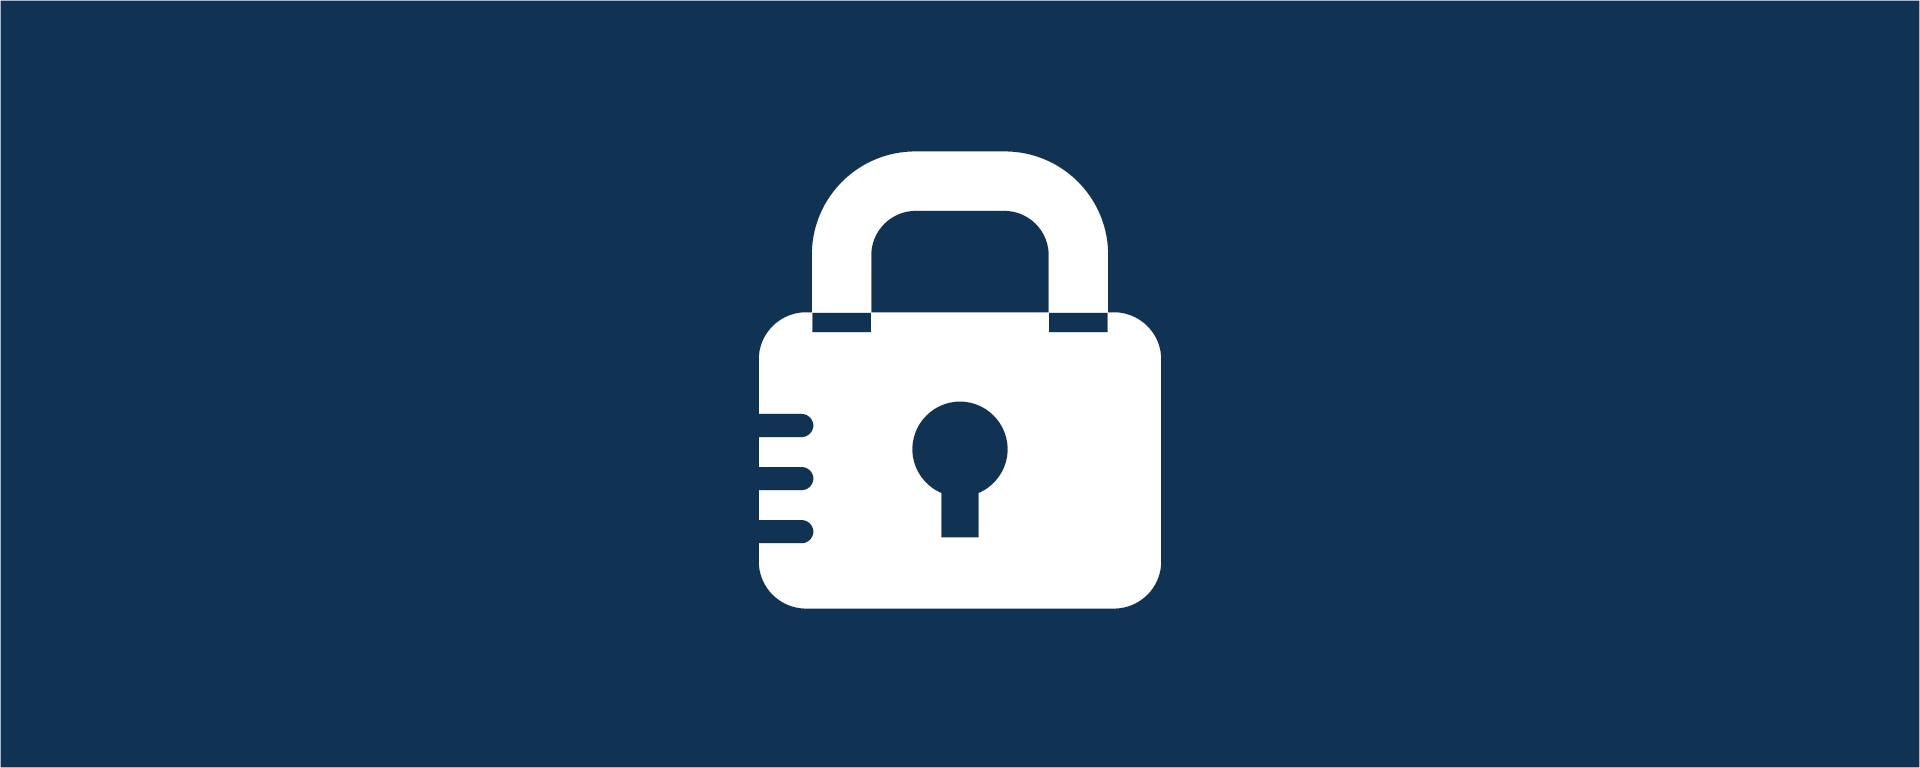 Biểu ngữ có hình một biểu tượng khóa màu trắng trên nền màu xanh hải quân.